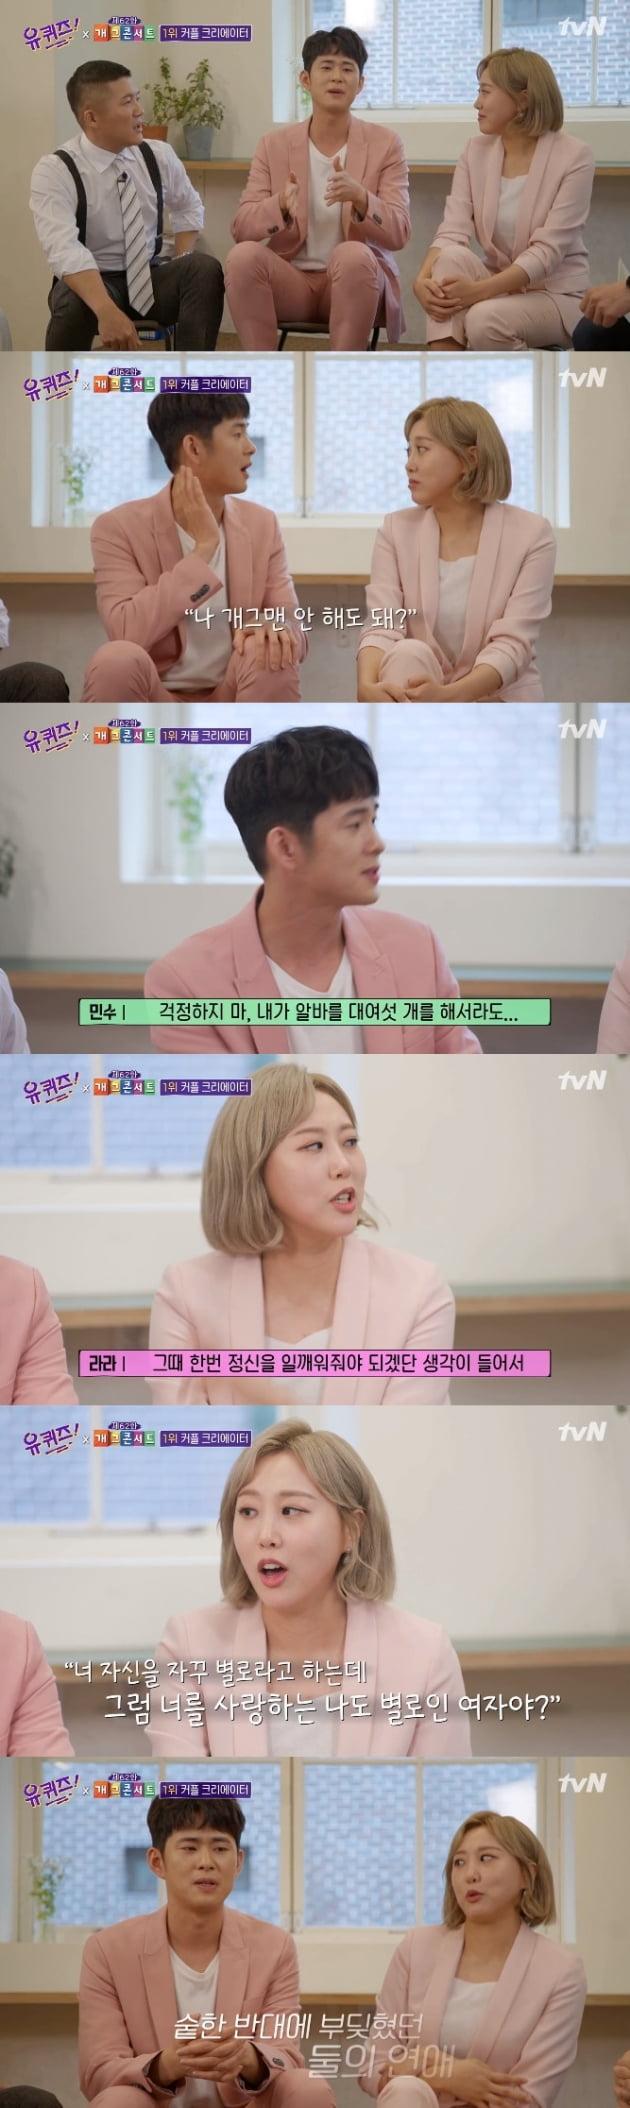 '유 퀴즈 온 더 블럭' 임라라 손민수 / 사진 = tvN 영상 캡처